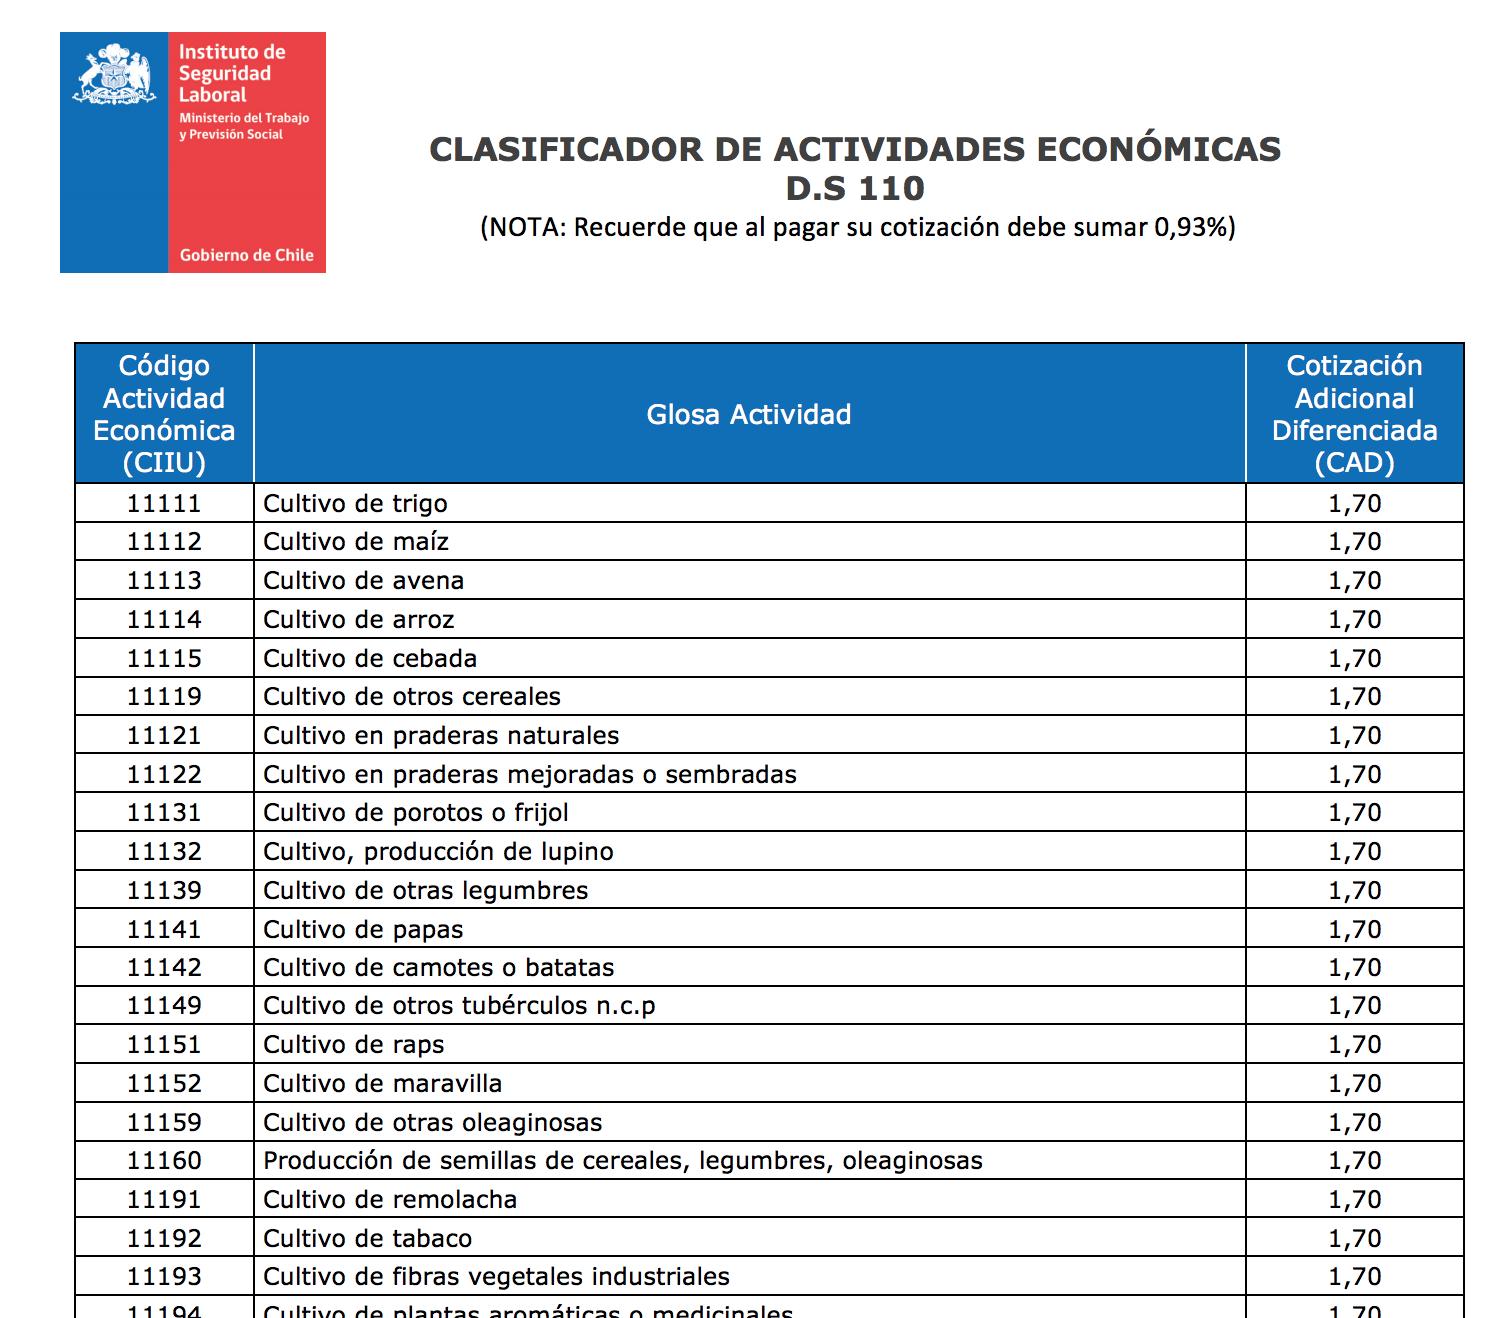 Ejemplo de la tabla de clasificación